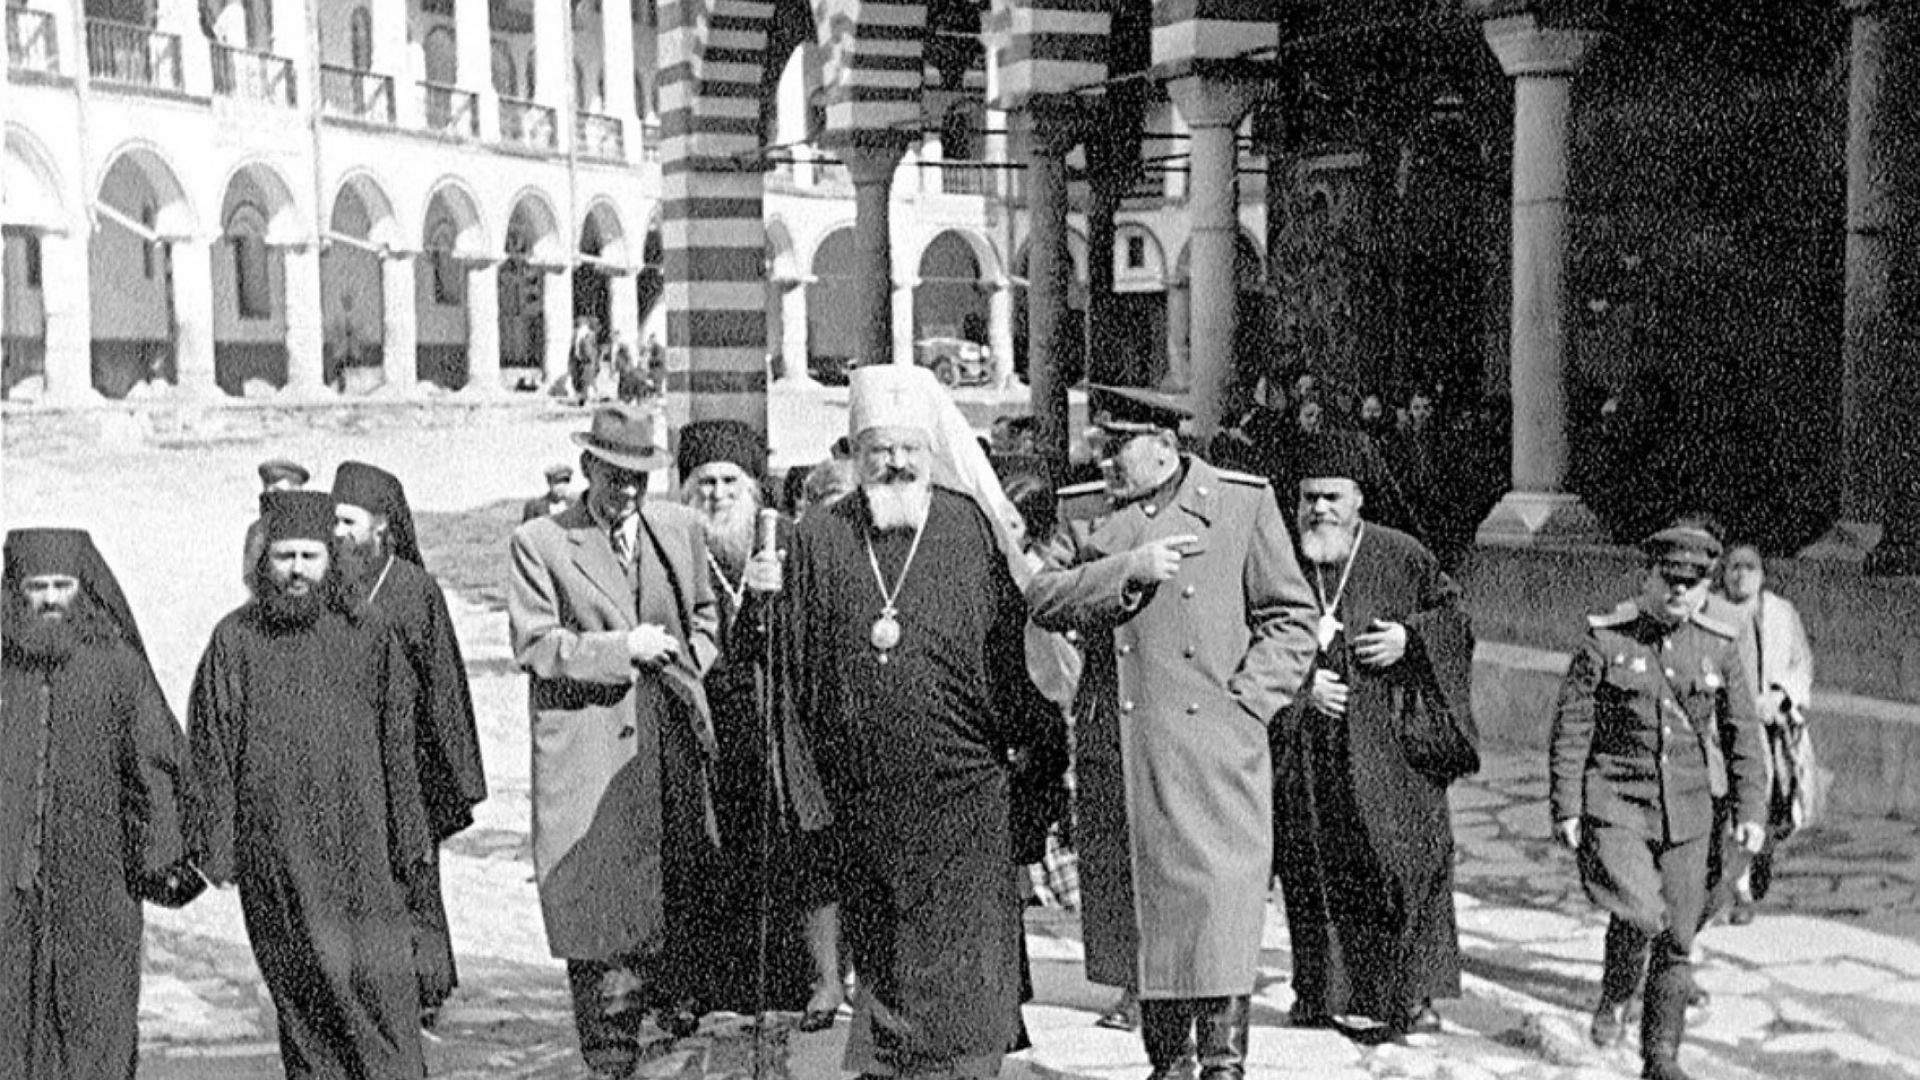 От руския военен архив излезе снимка от 1945 г. на влиятелни в България хора